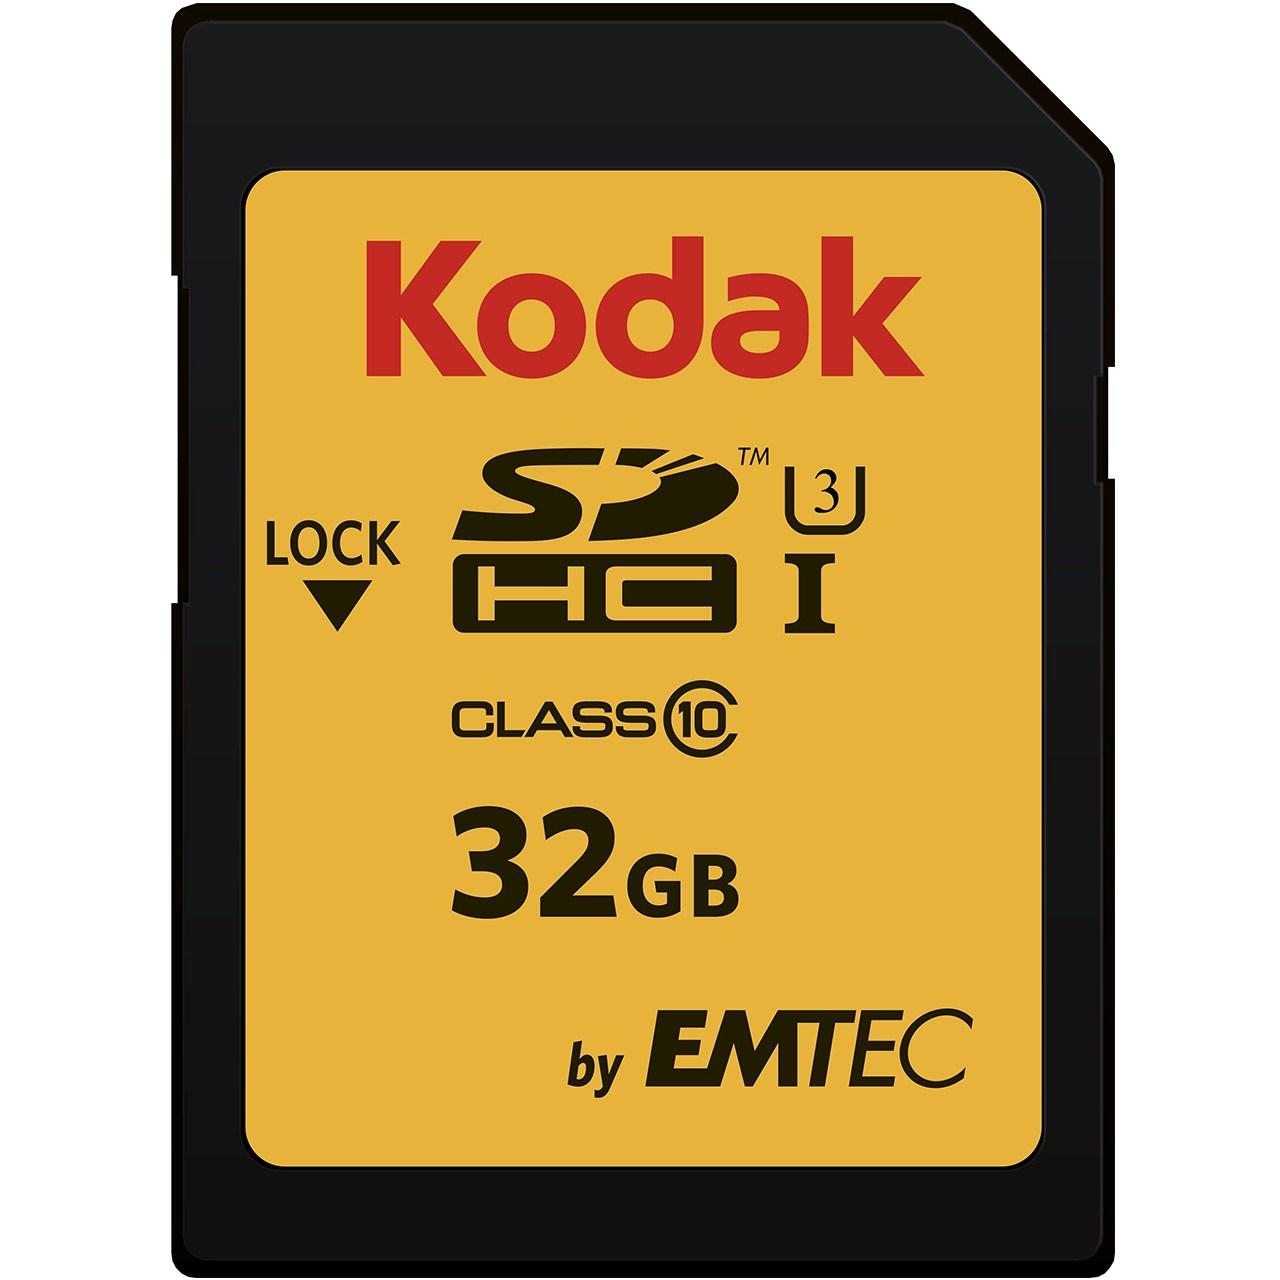 کارت حافظه SDHC امتک کداک کلاس 10 استاندارد UHS-I U3 سرعت 95MBps 650X ظرفیت 32 گیگابایت